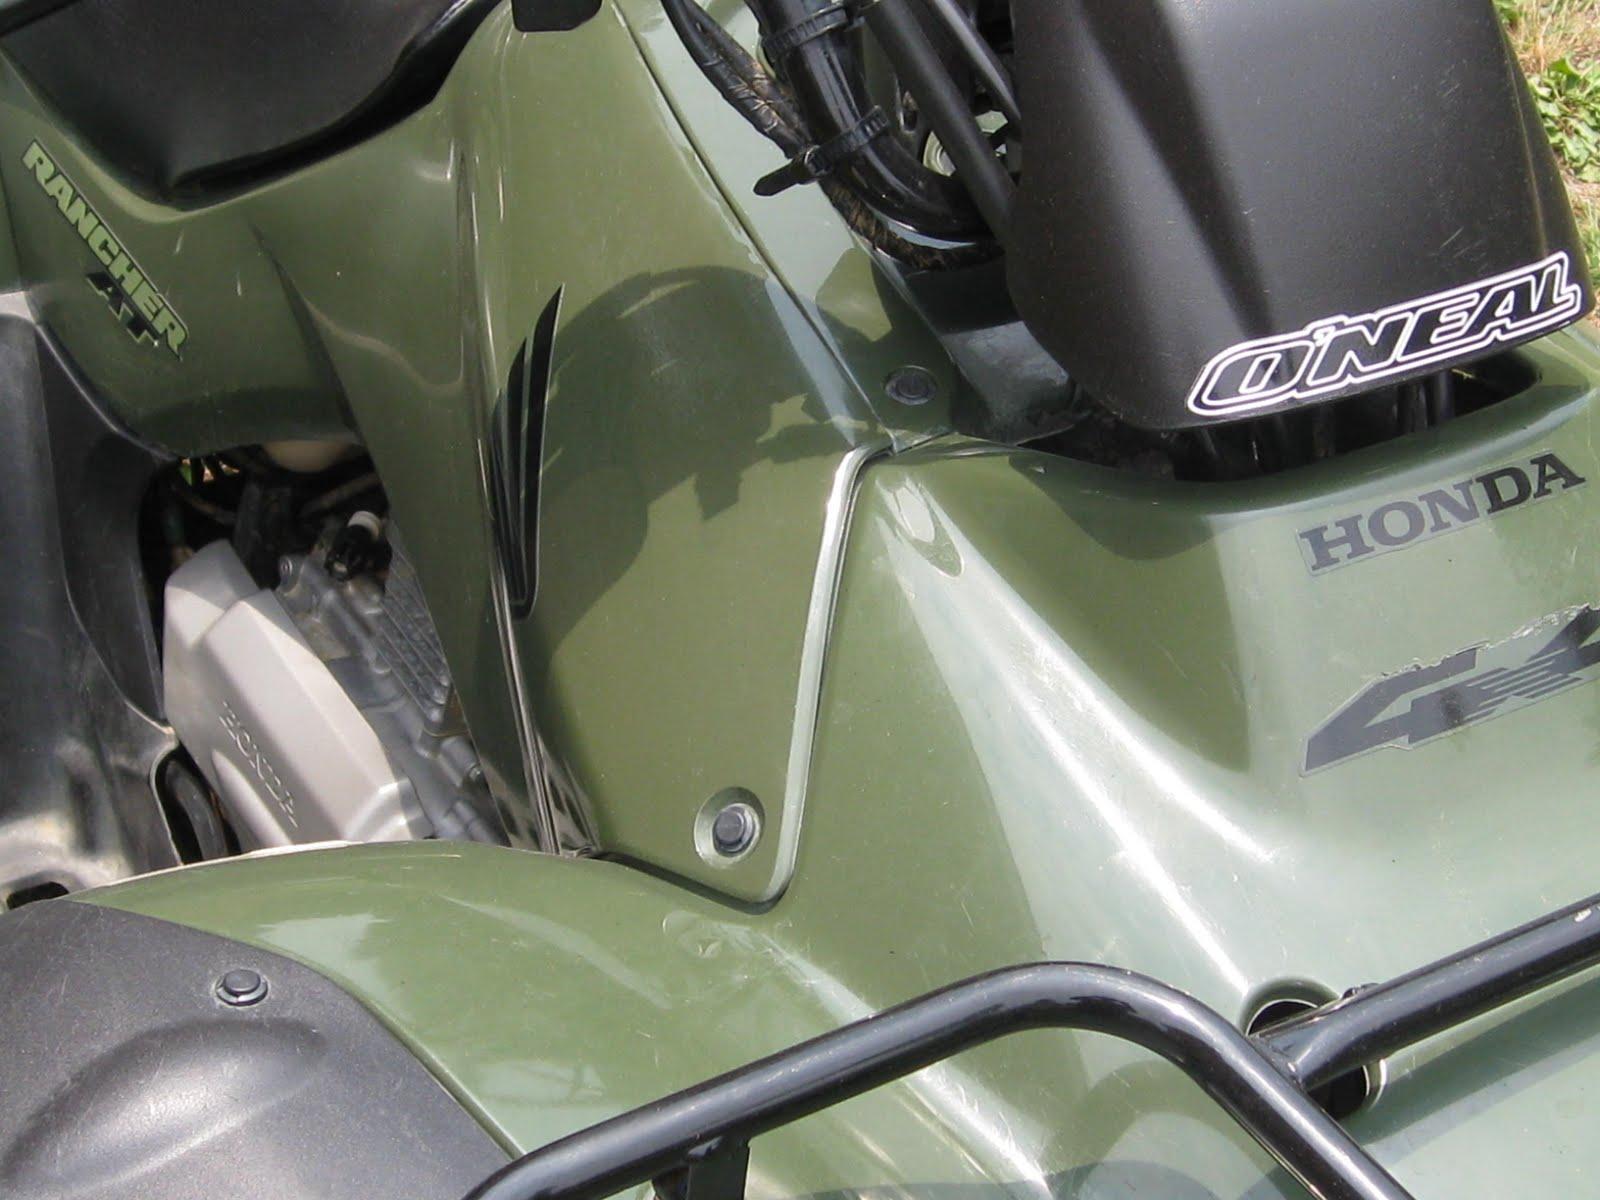 2004 Honda Rancher Atv  2004 Honda Rancher Atv